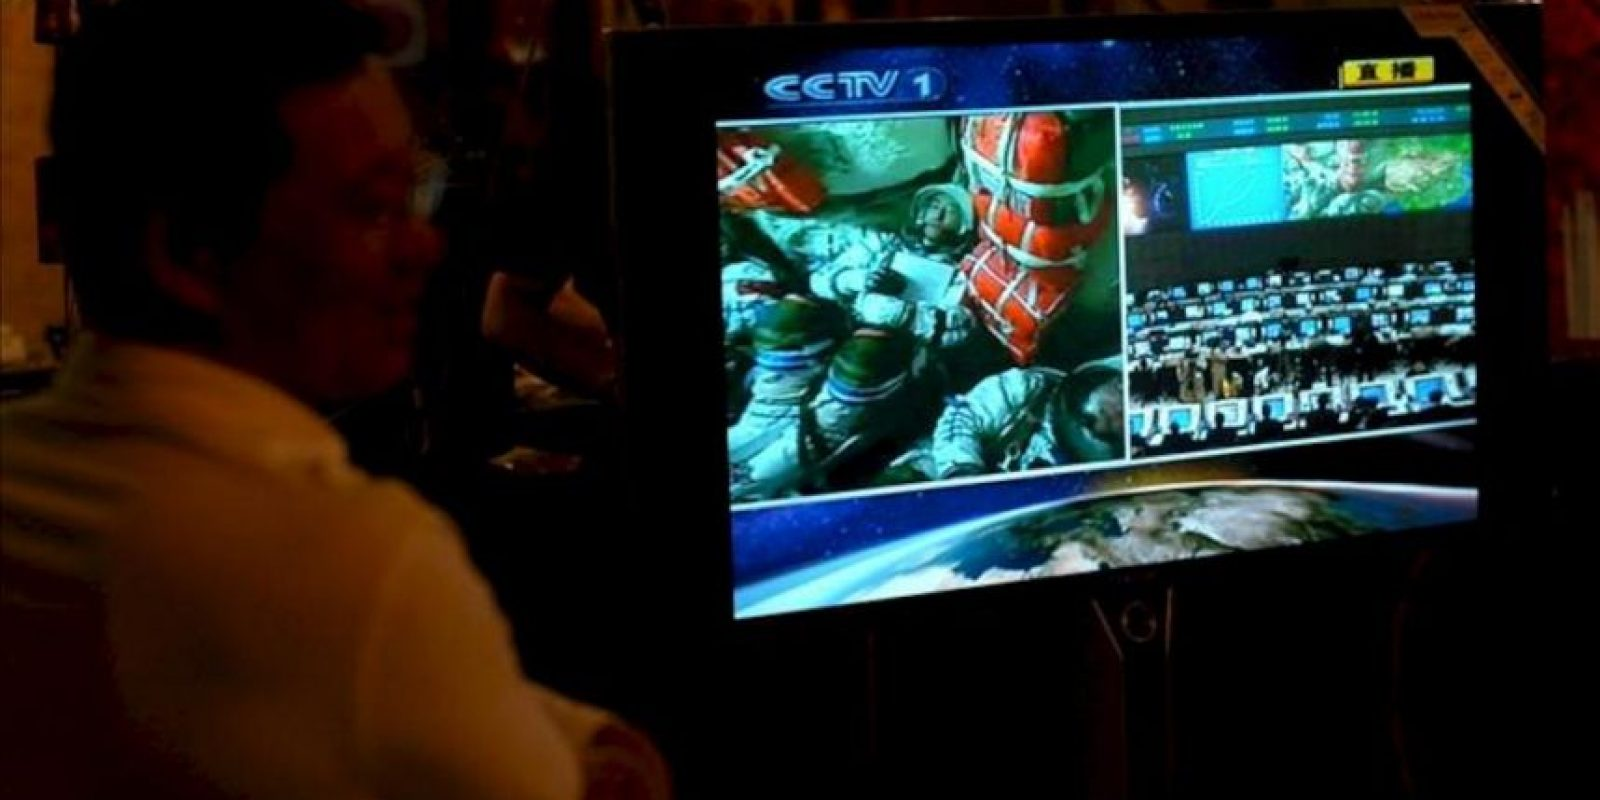 Varias personas observan en directo el lanzamiento espacial de la nave Shenzhou-7 en un restaurant de la ciudad de Qingdao al este de China. EFE/Archivo